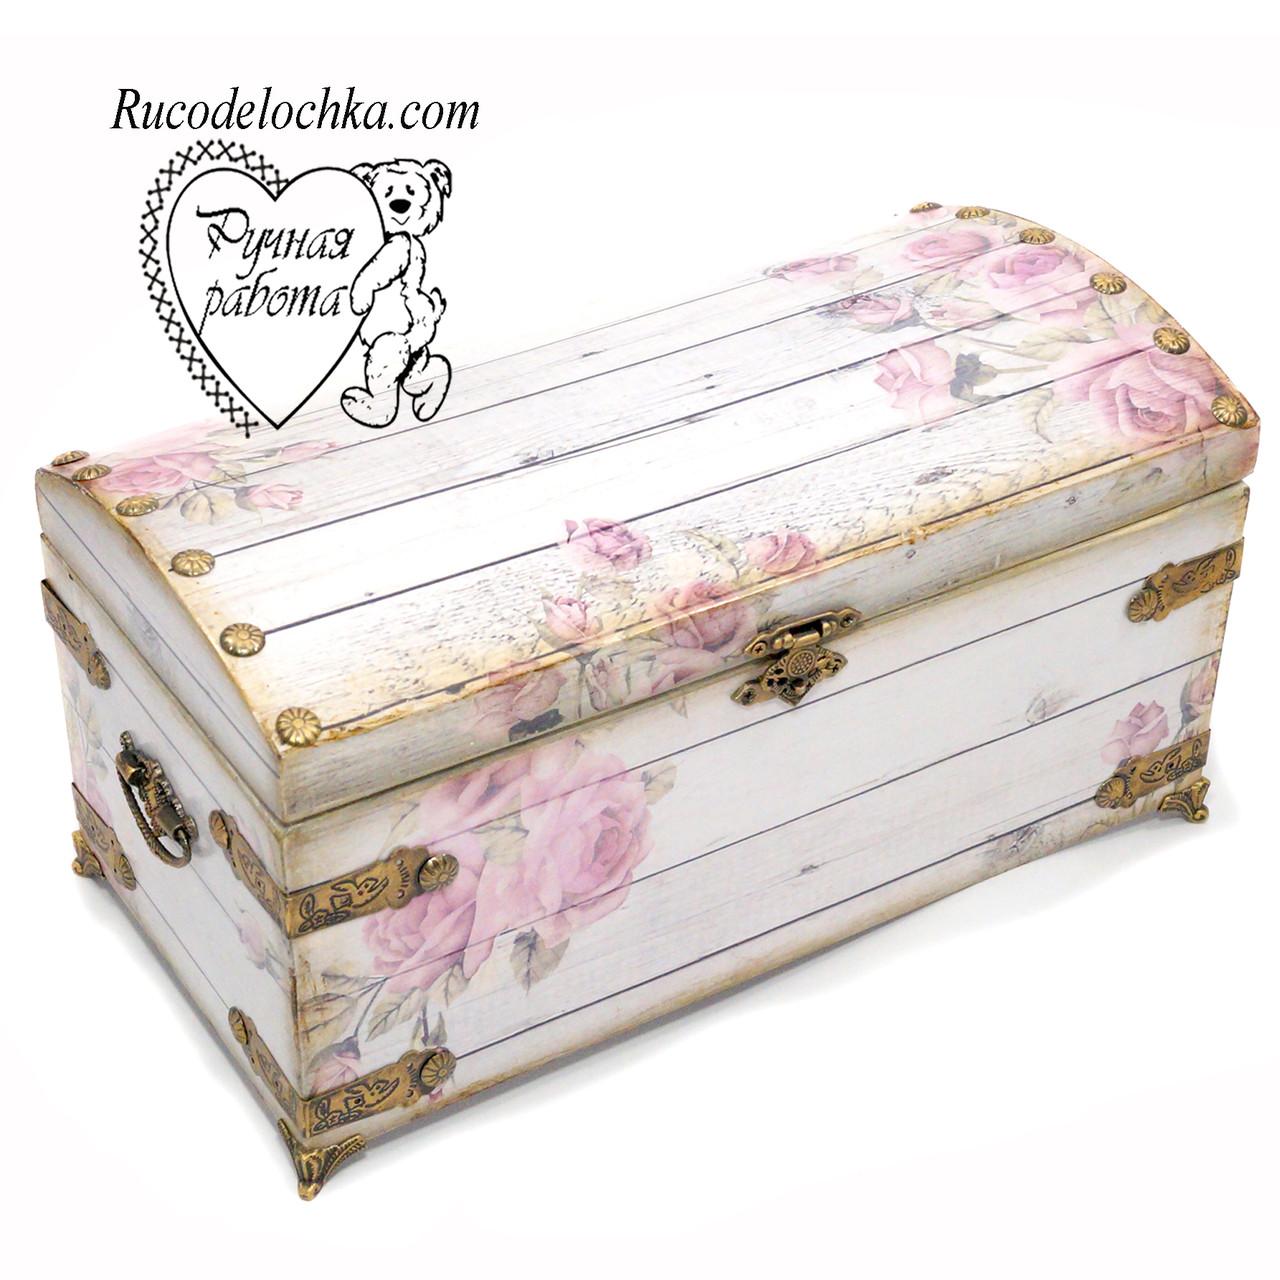 Скринька скриня Троянди, скринька ручної роботи 30 * 15 *14 см